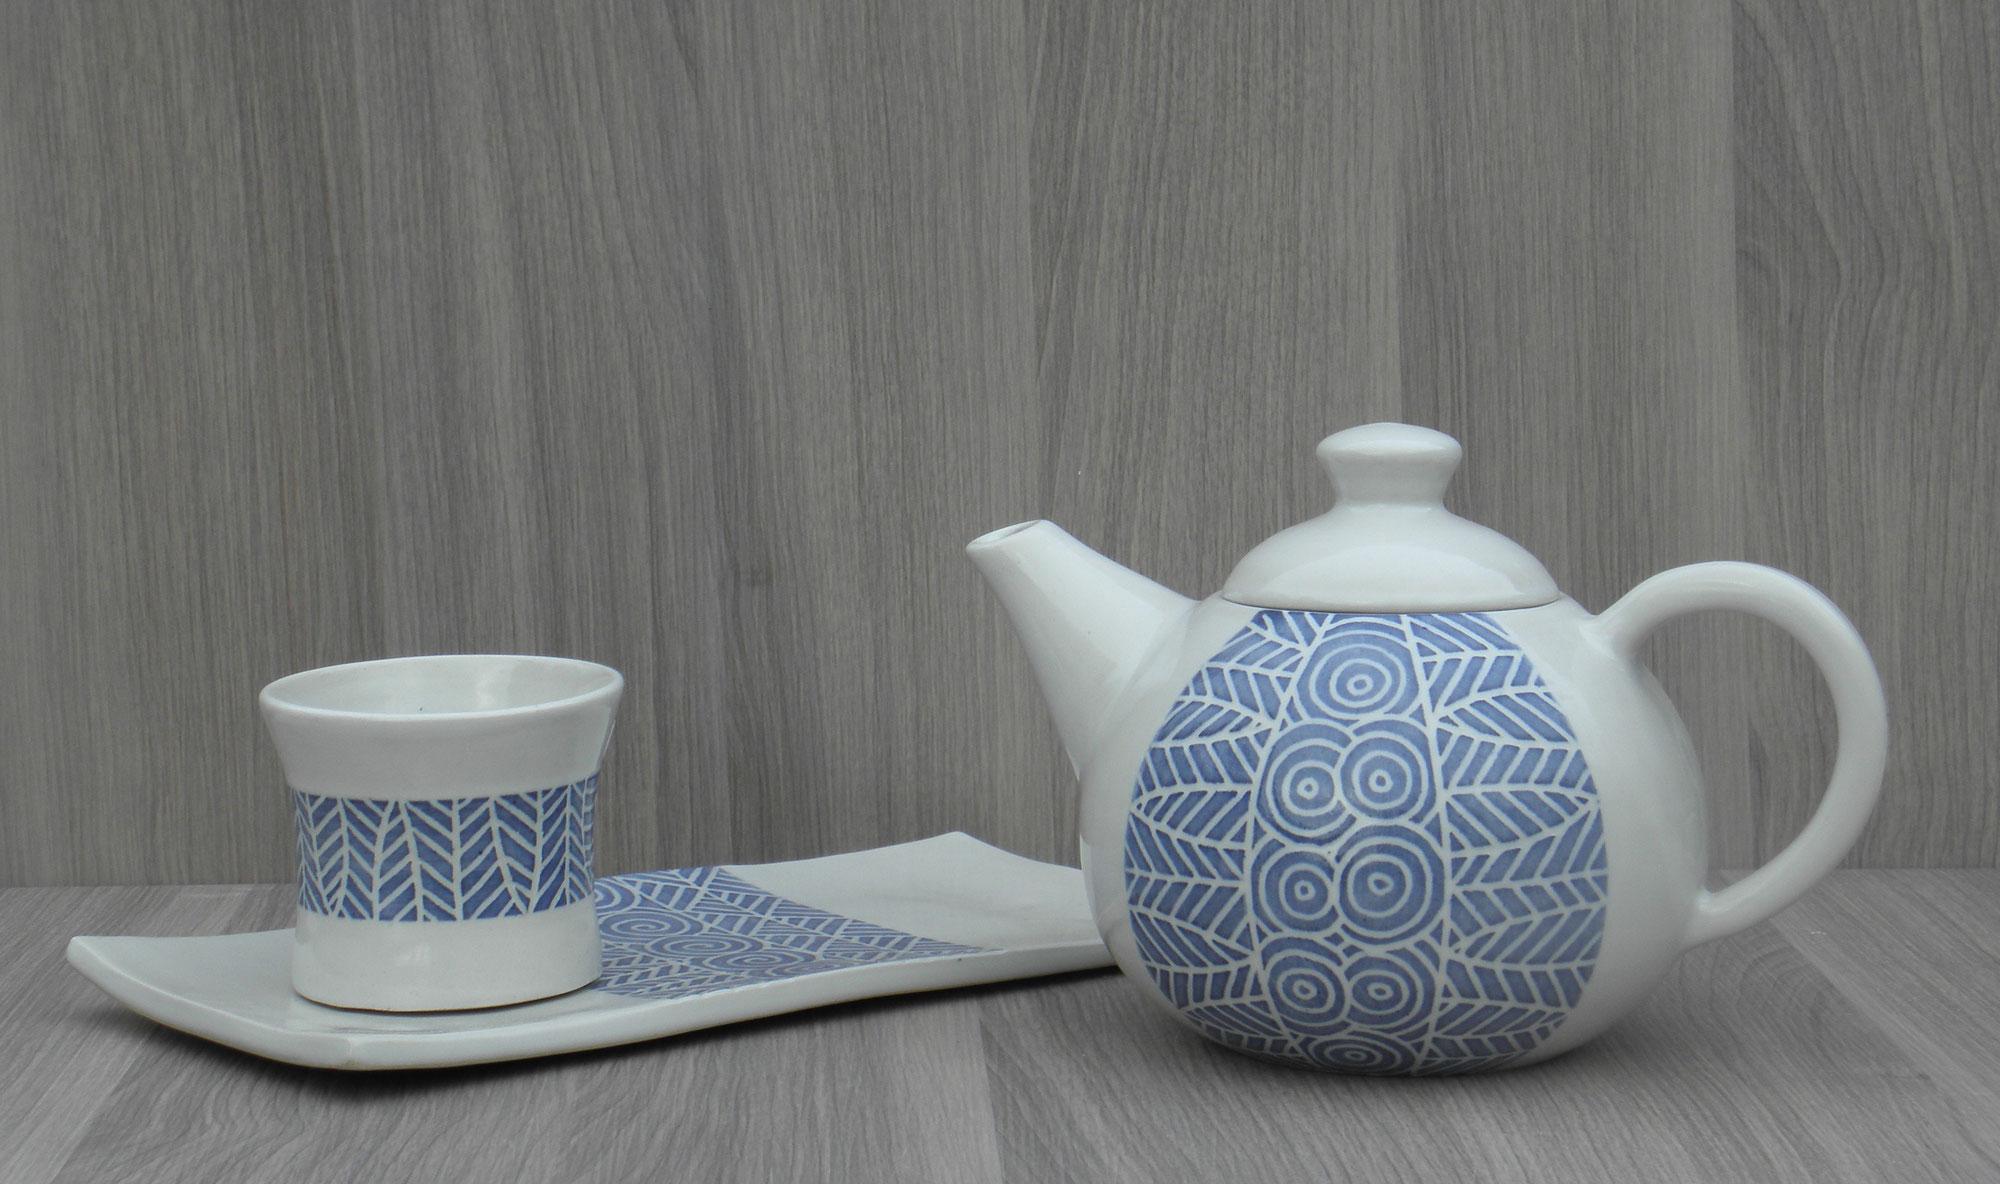 poterie artisanale en gr s en savoie poterie en gr s artisanale en savoie. Black Bedroom Furniture Sets. Home Design Ideas